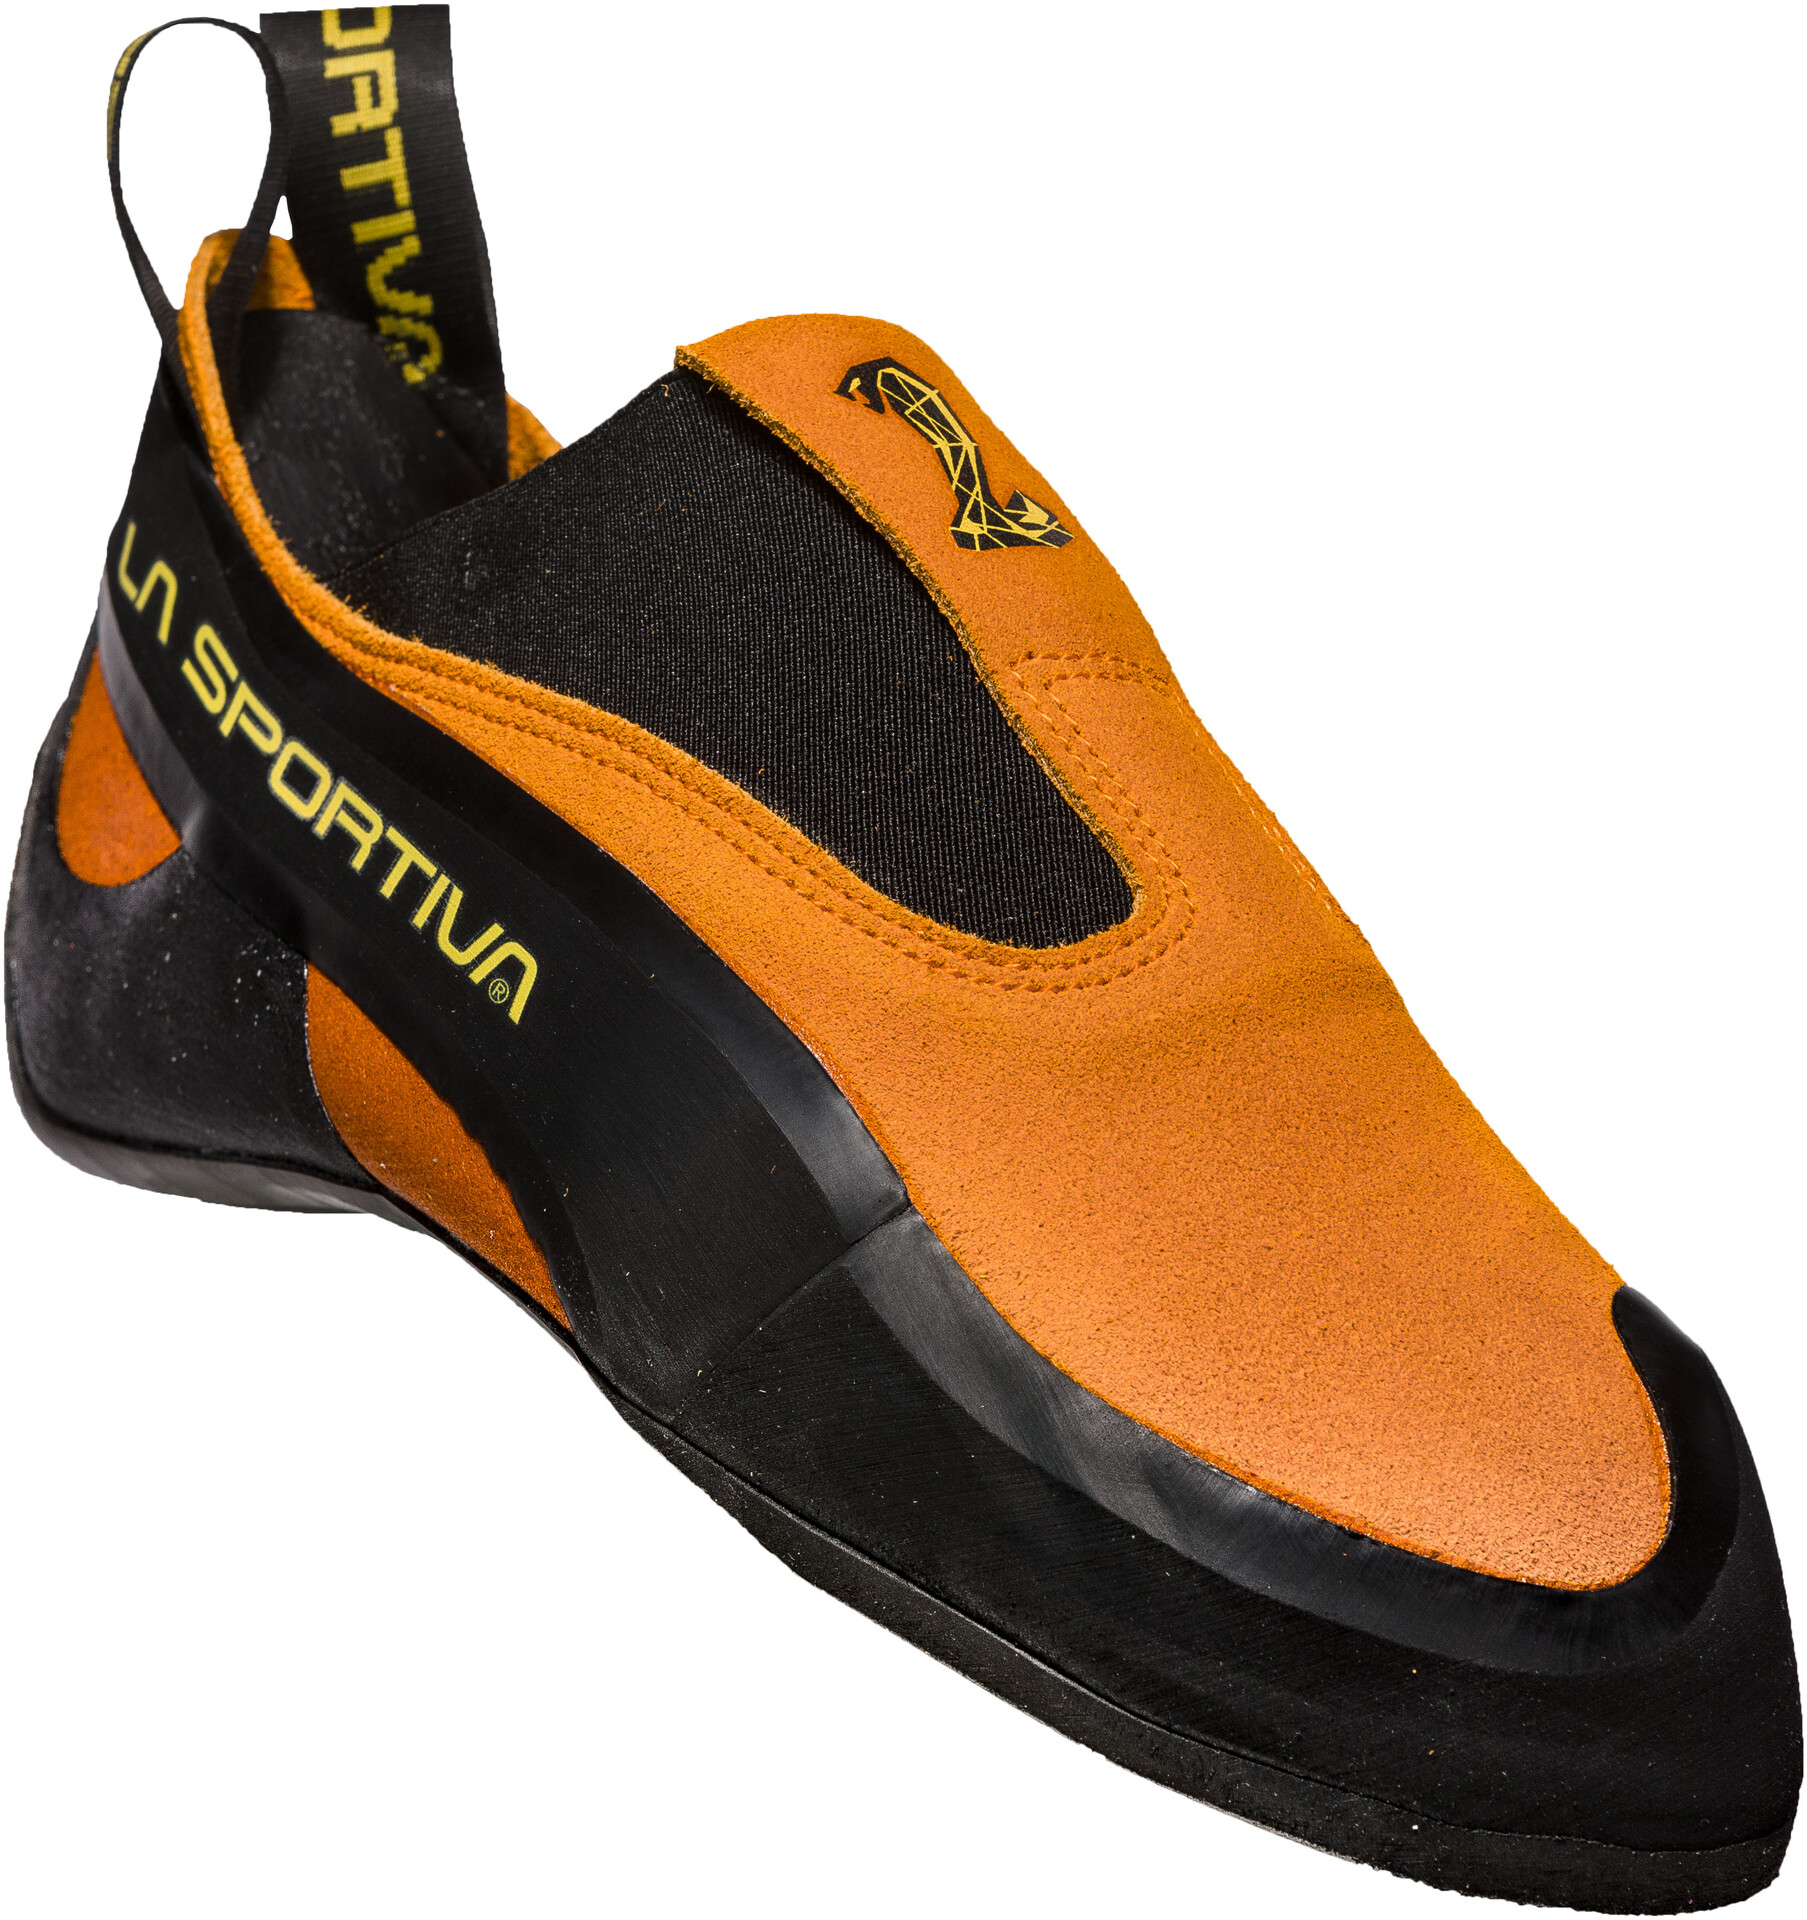 Homme Campz La D'escalade Sportiva Sur Chaussures Orange Cobra FIxZ0qx